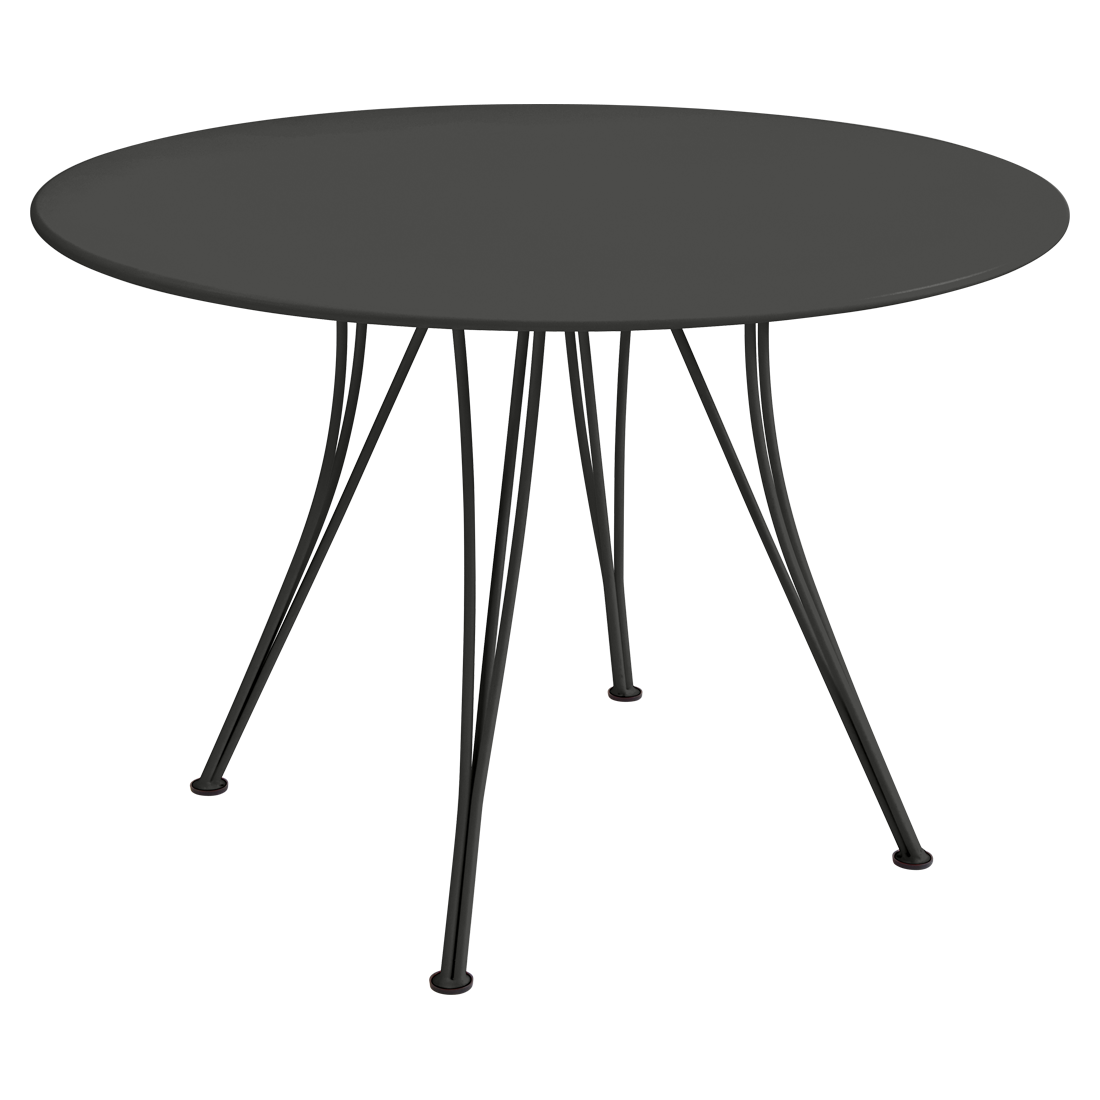 Table rendez vous table de jardin metal mobilier de jardin for Fermob table de jardin